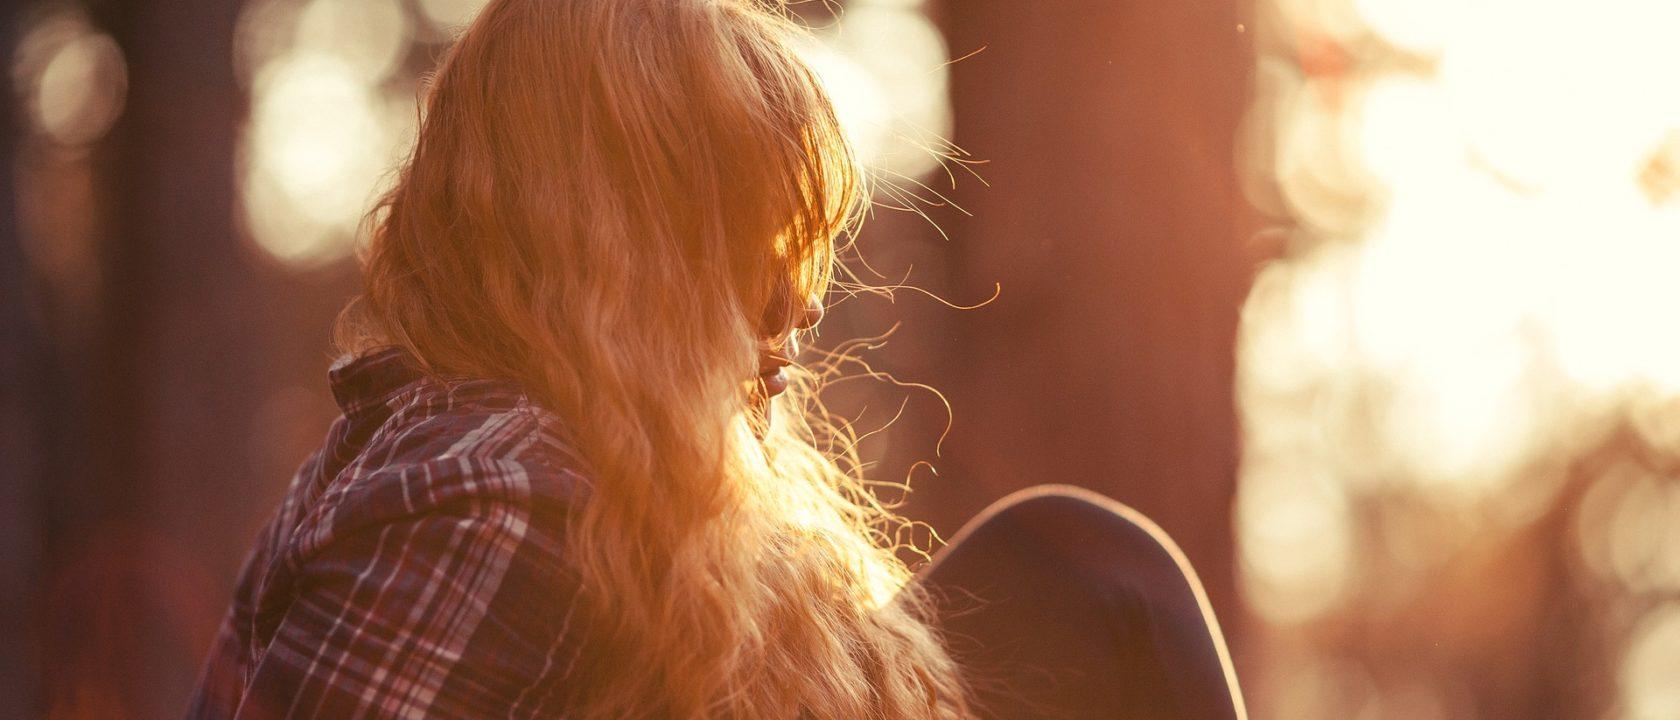 Sarışın bir kız gün batımını izliyor.